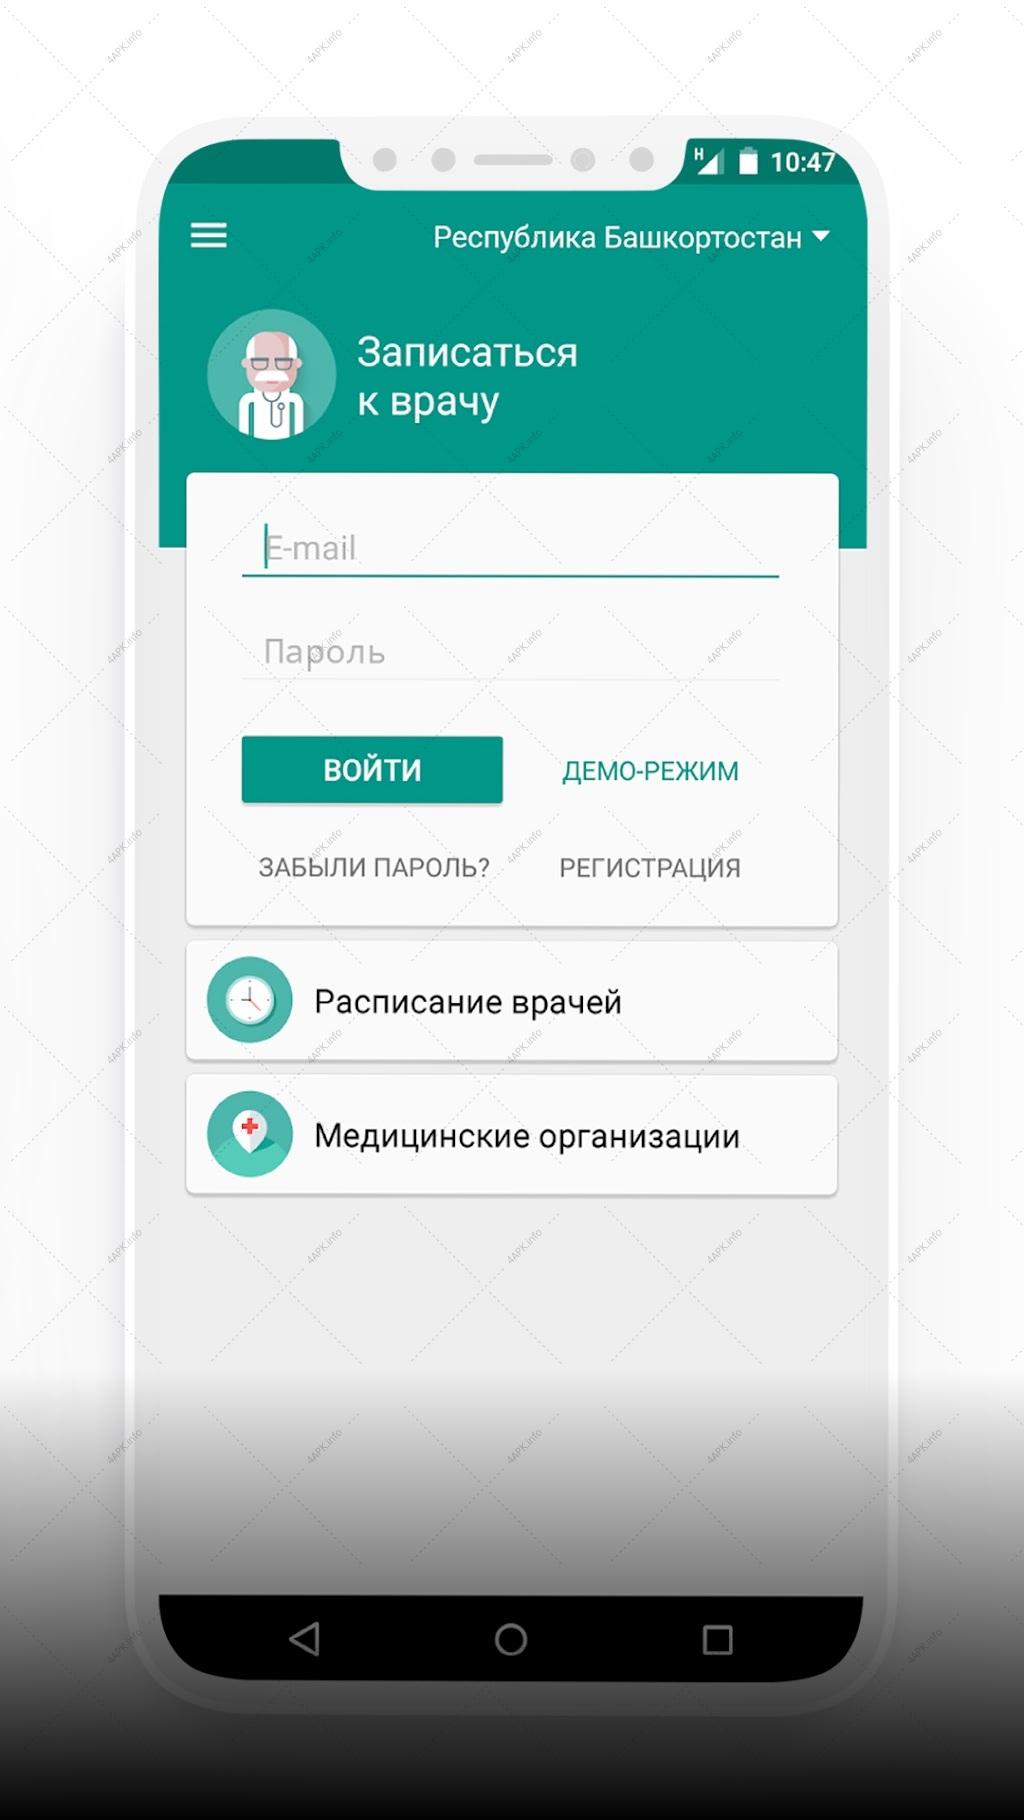 К-Врачу: запись, расписания, поиск screenshot